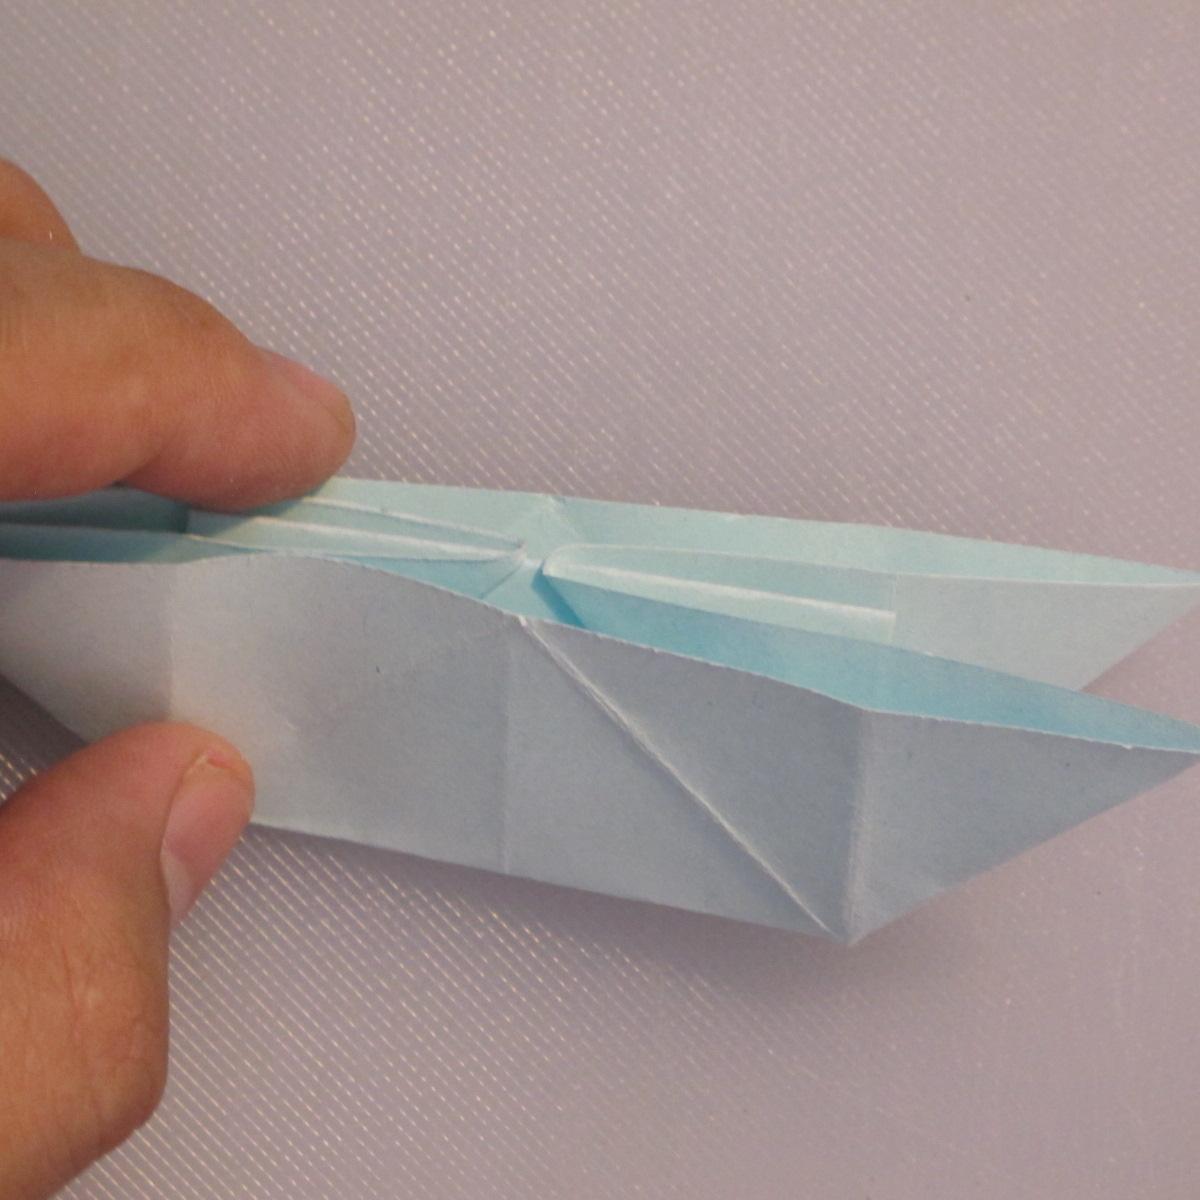 วิธีพับกระดาษเป็นรูปผีเสื้อ 012